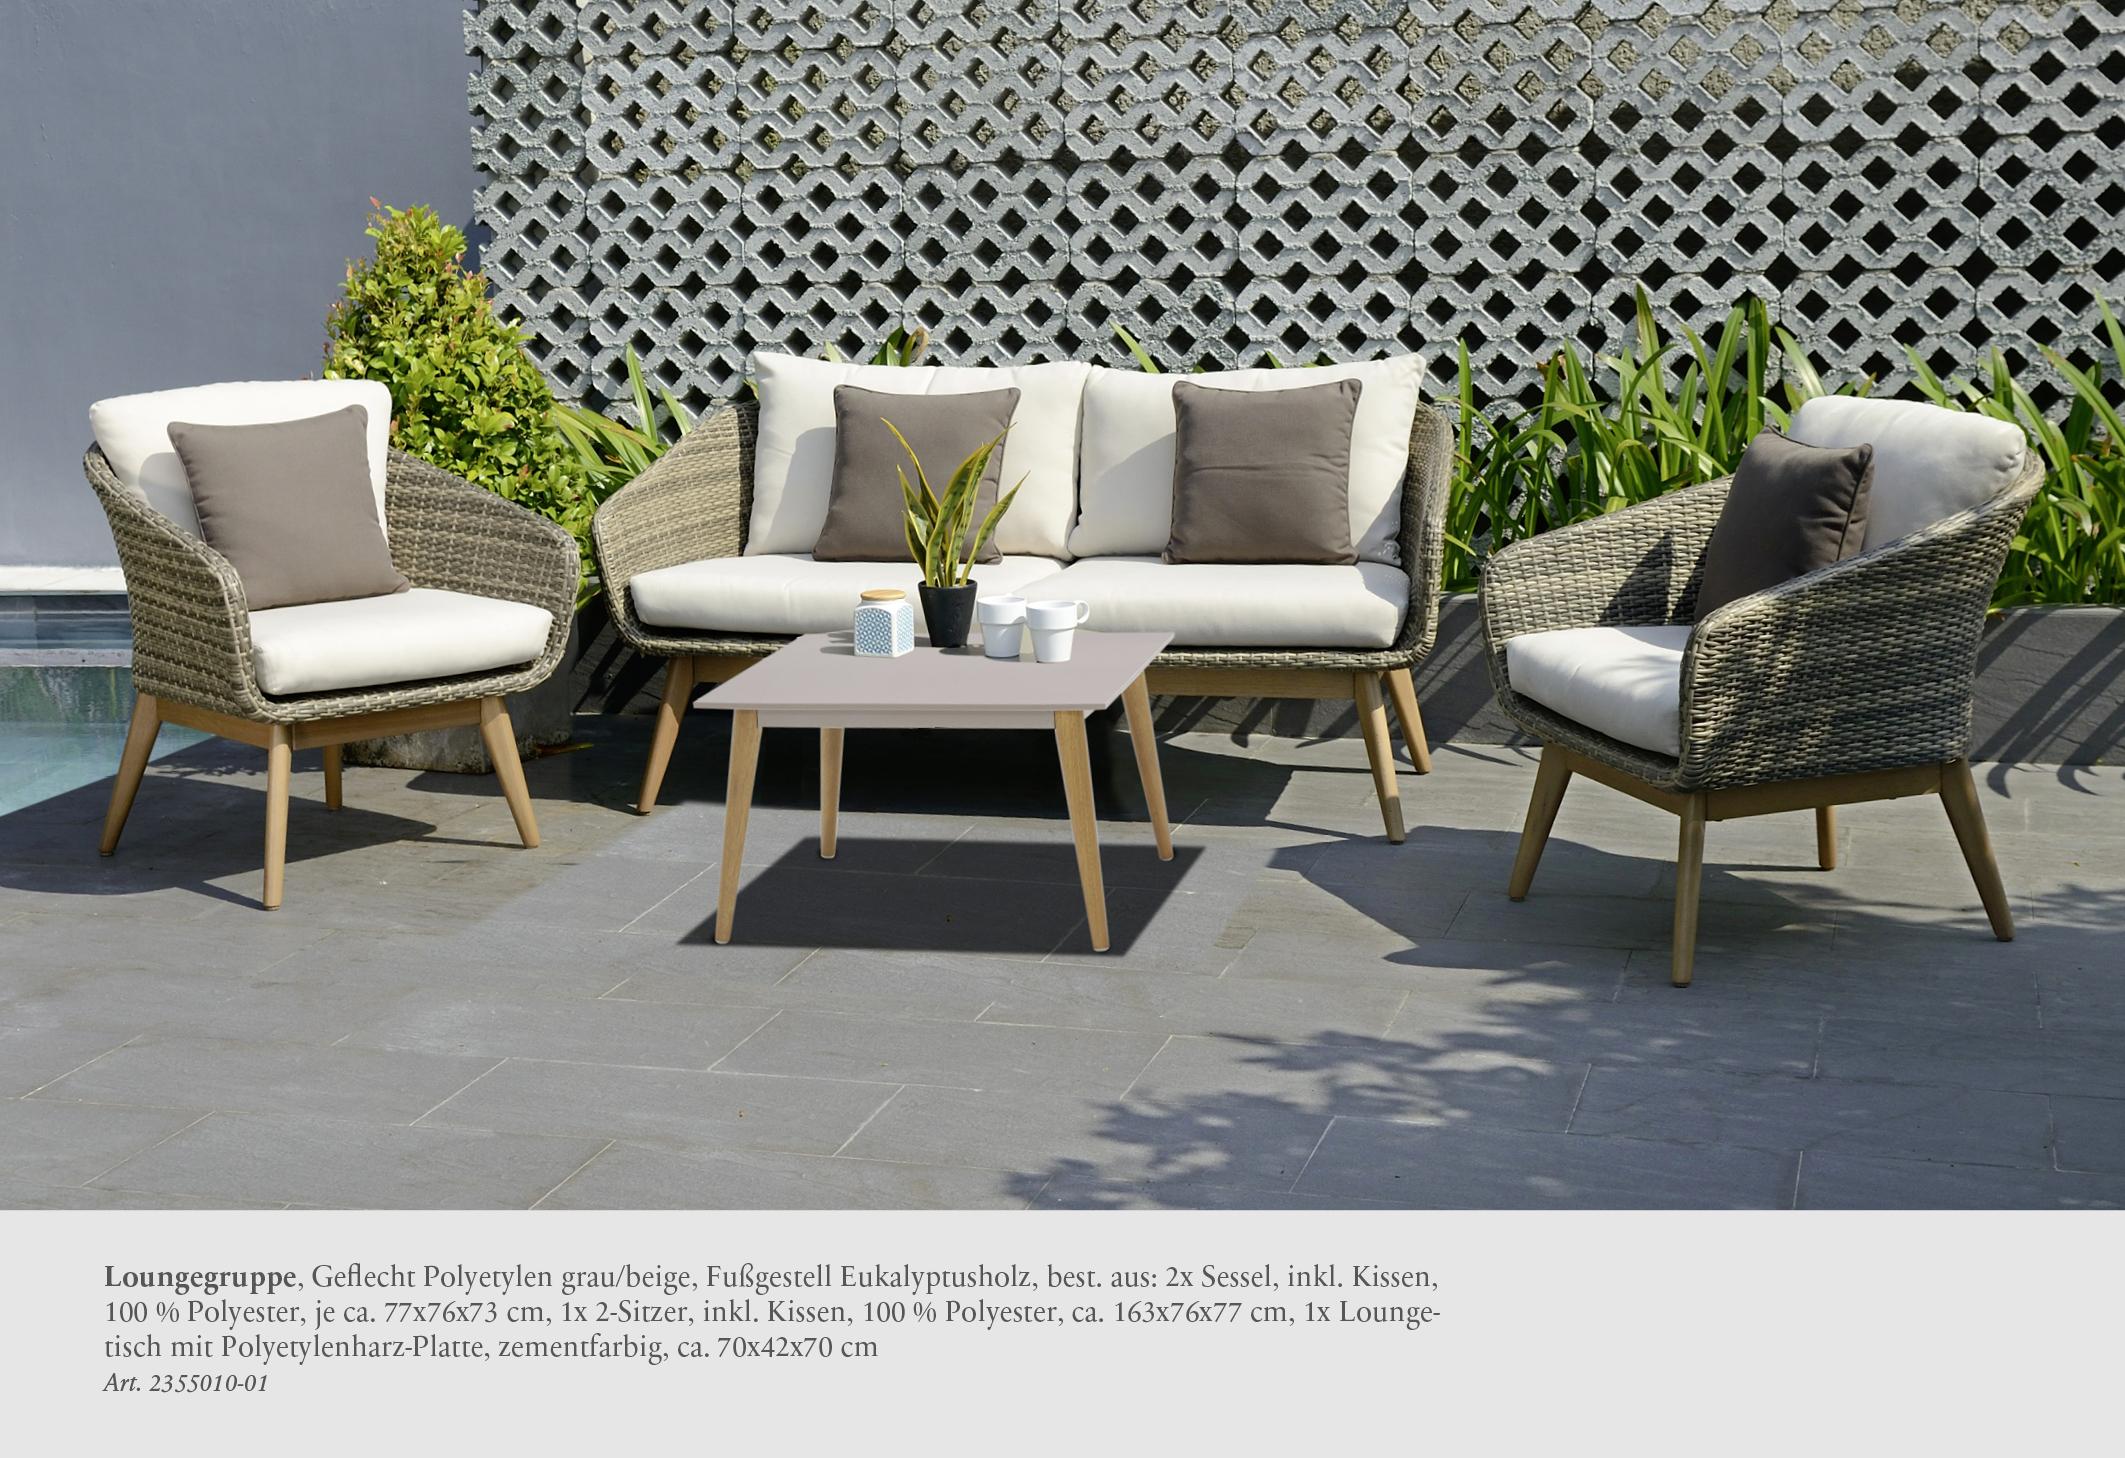 Full Size of Gartenmbel Fr Ihren Balkon Oder Terrasse Finden Sie In Der Weko Garten Loungemöbel Holz Günstig Wohnzimmer Outliv Loungemöbel